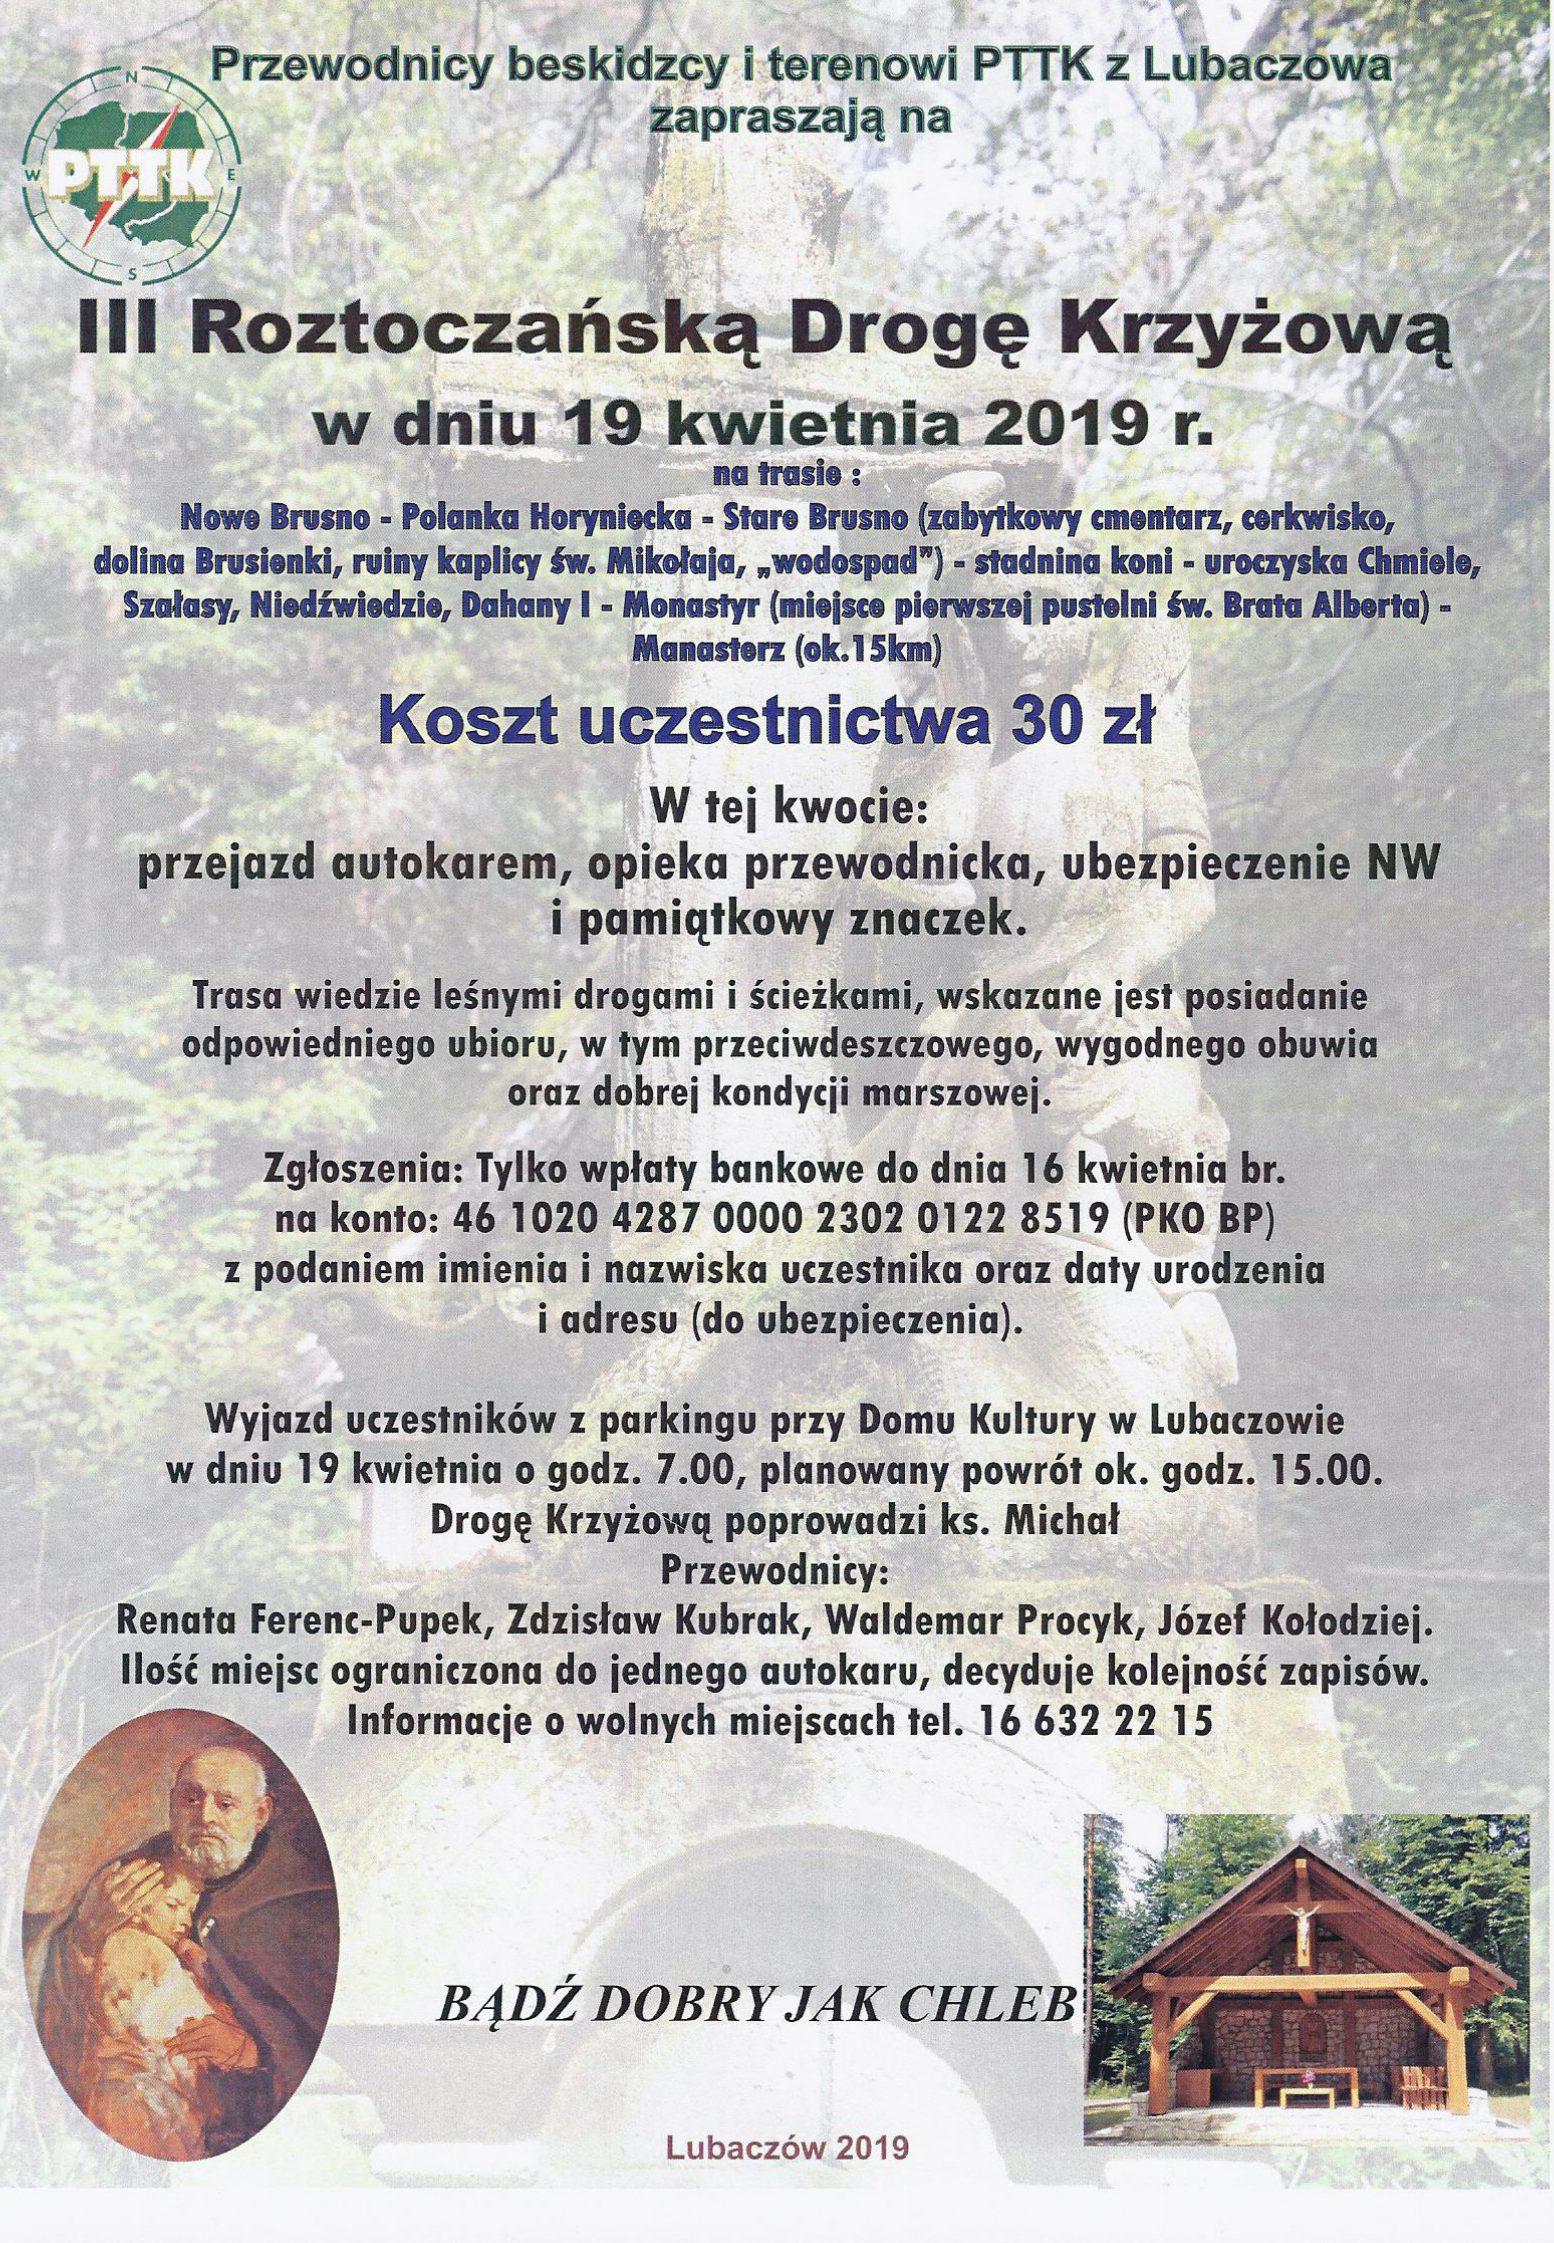 Roztoczańska Droga Krzyżowa w Wielki Piątek -12.04.2019 r.